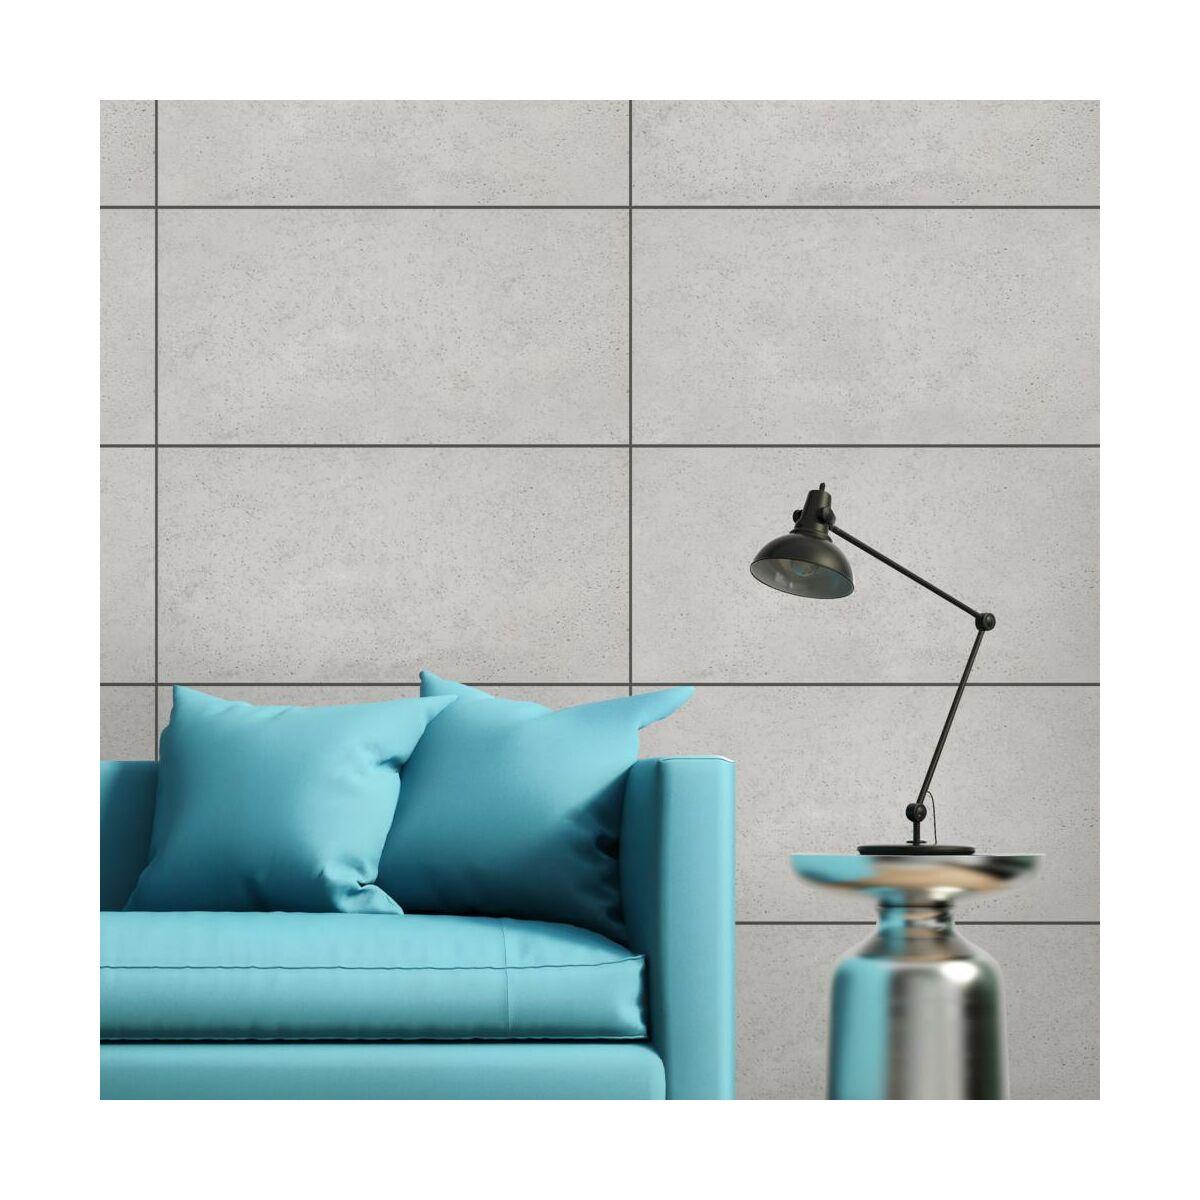 Beton Architektoniczny Jasny Cement 40 X 80 Cm Steinblau Kamien Elewacyjny I Dekoracyjny W Atrakcyjnej Cenie W Sklepach Leroy Merlin